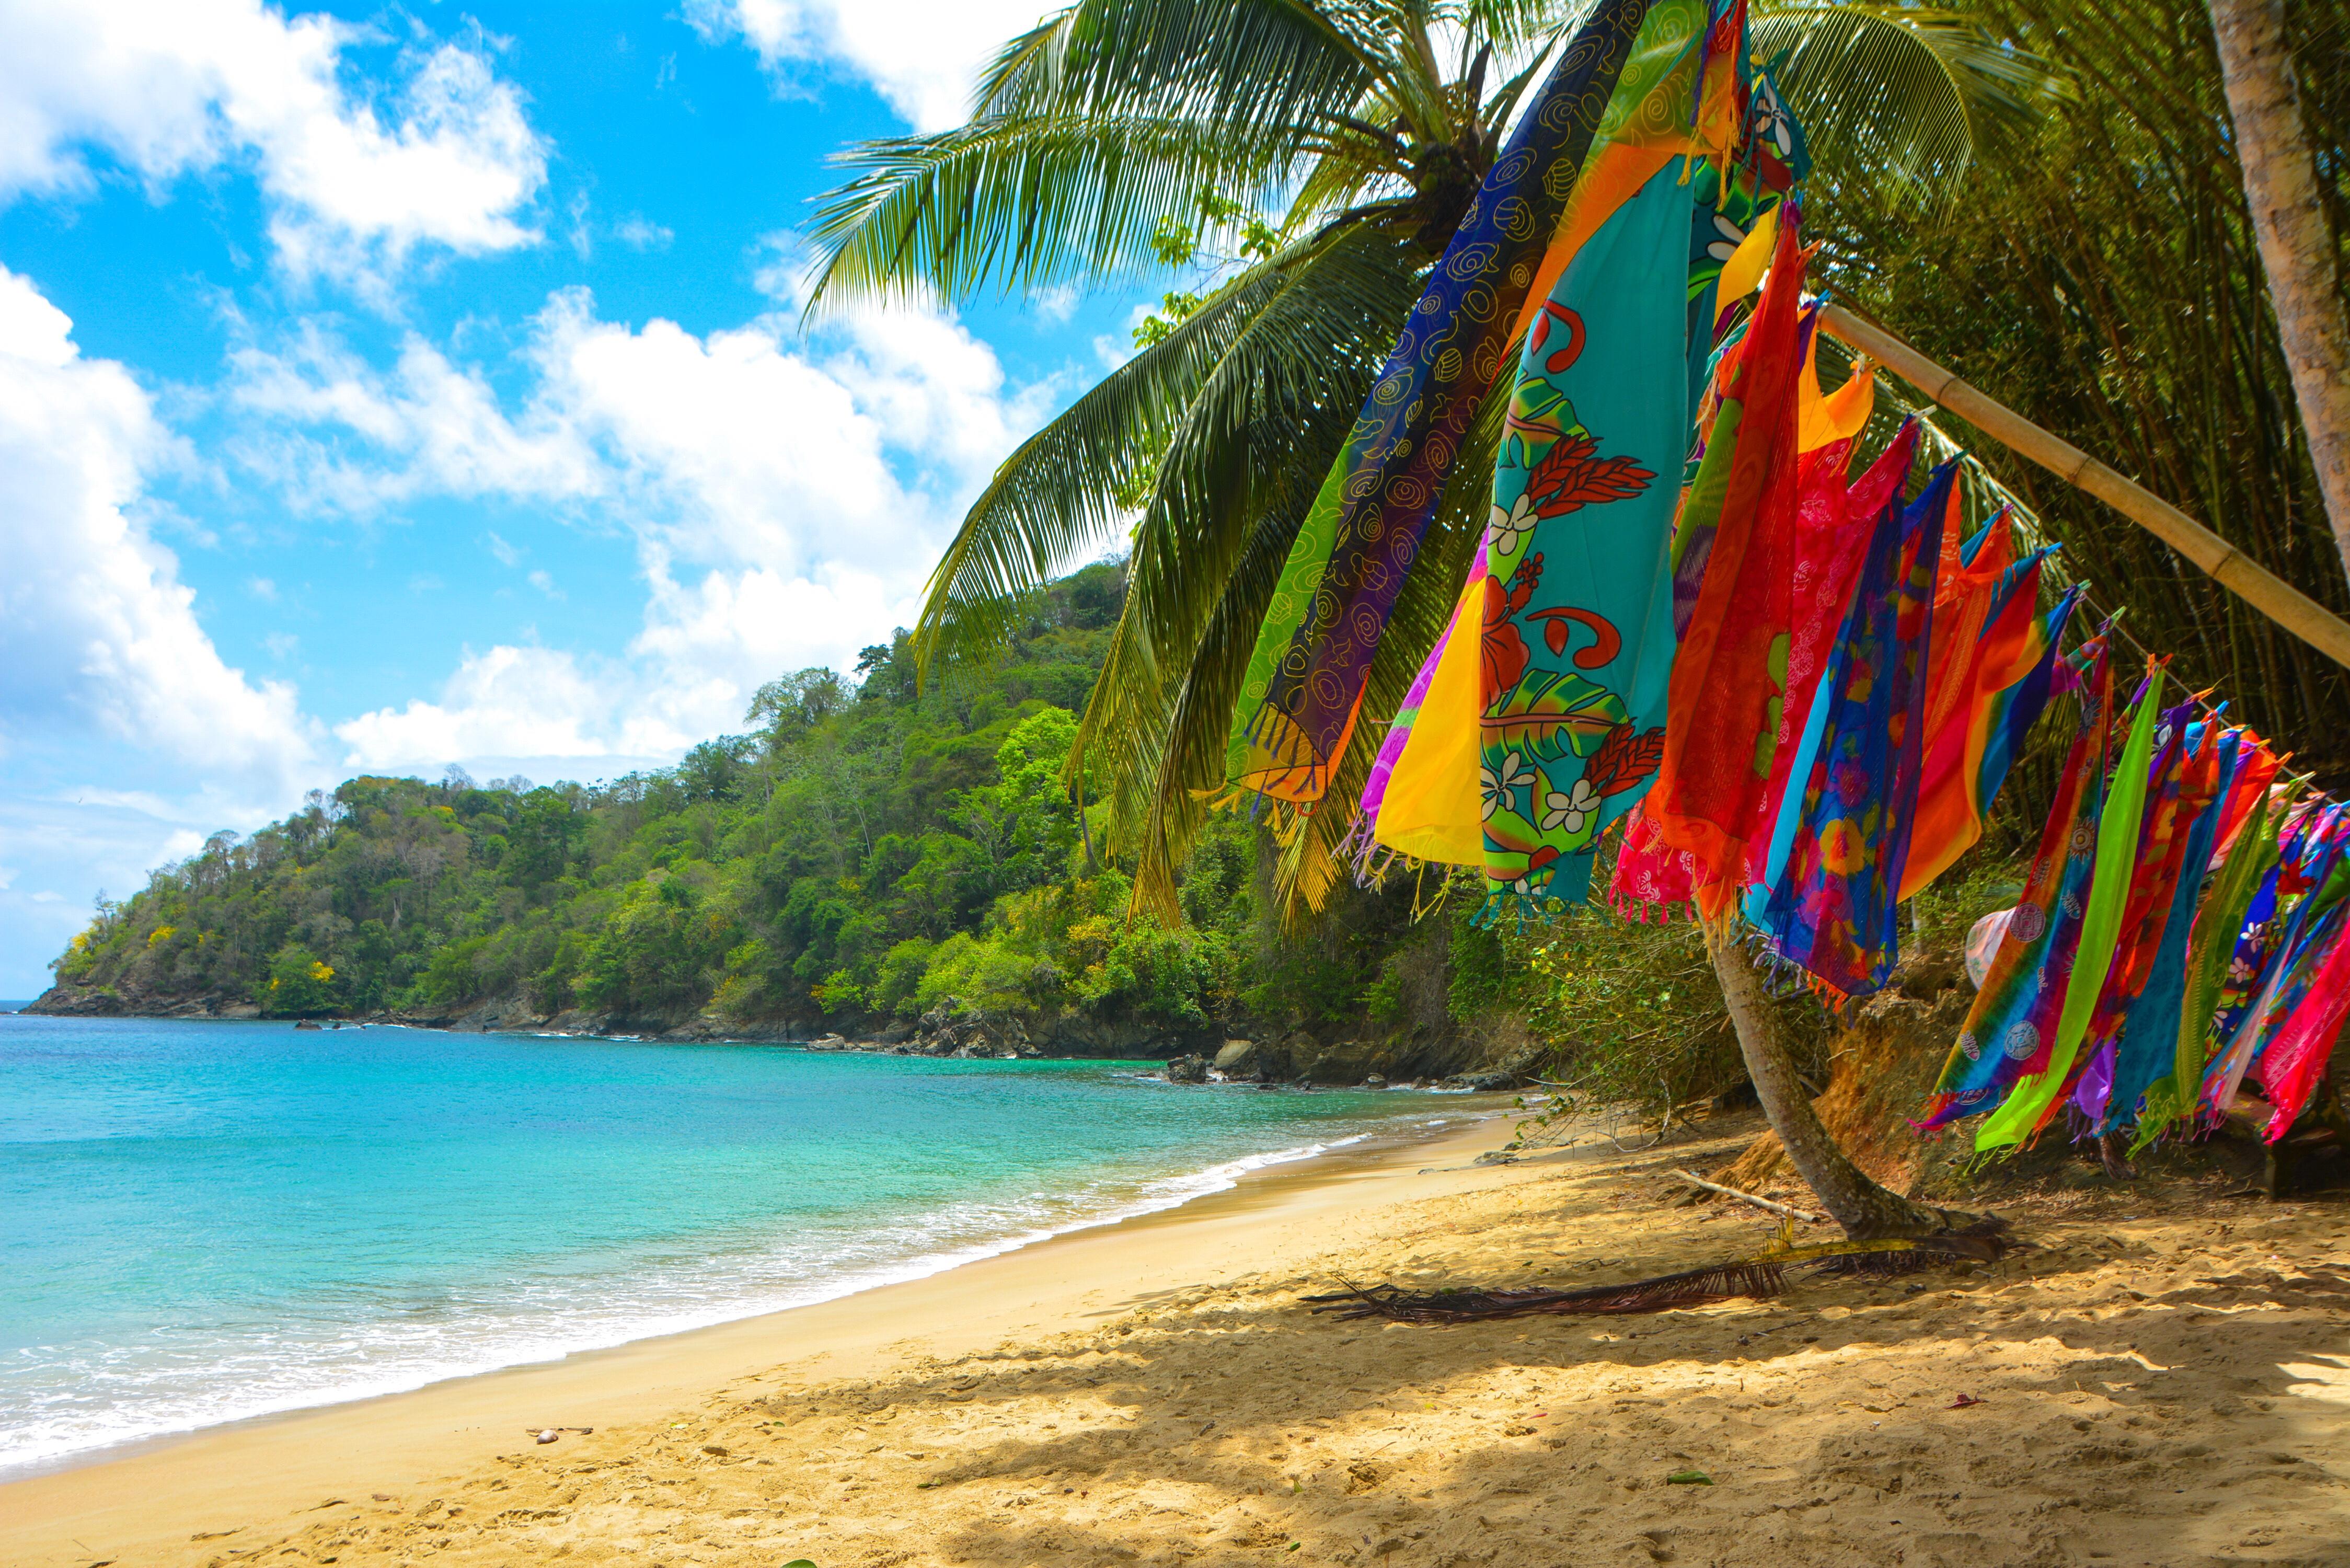 Travel Photos: Tobago Views